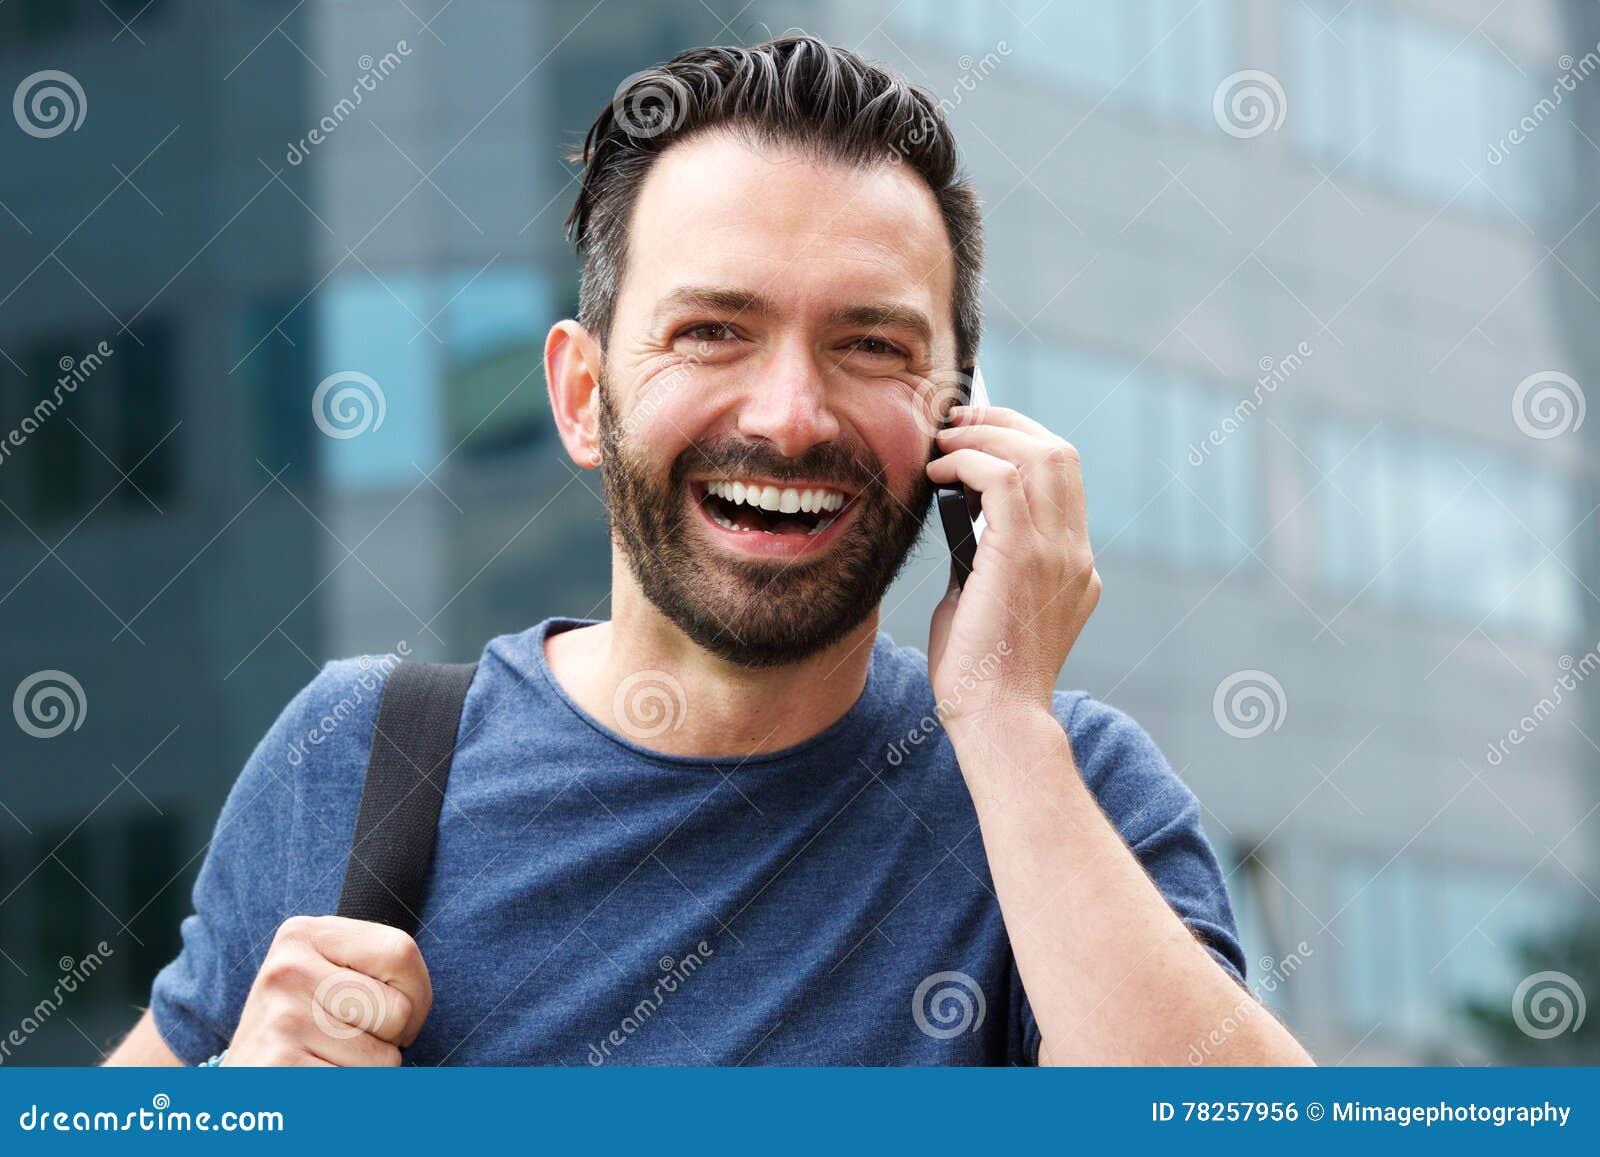 Όμορφο ώριμο άτομο που χρησιμοποιεί το τηλέφωνο και το γέλιο κυττάρων